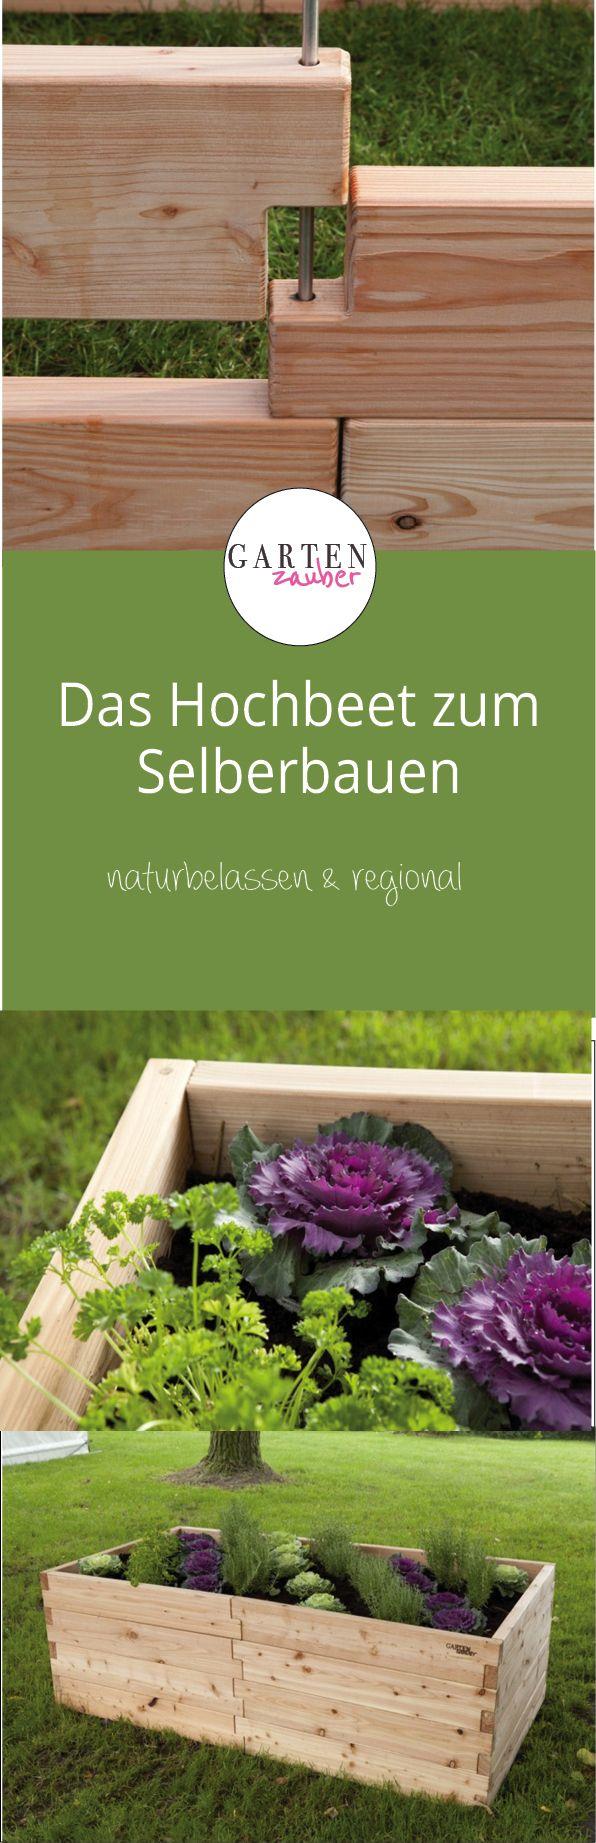 Hochbeet 2 60 Cm Hohe Hochbeet Garten Und Diy Gartenbau